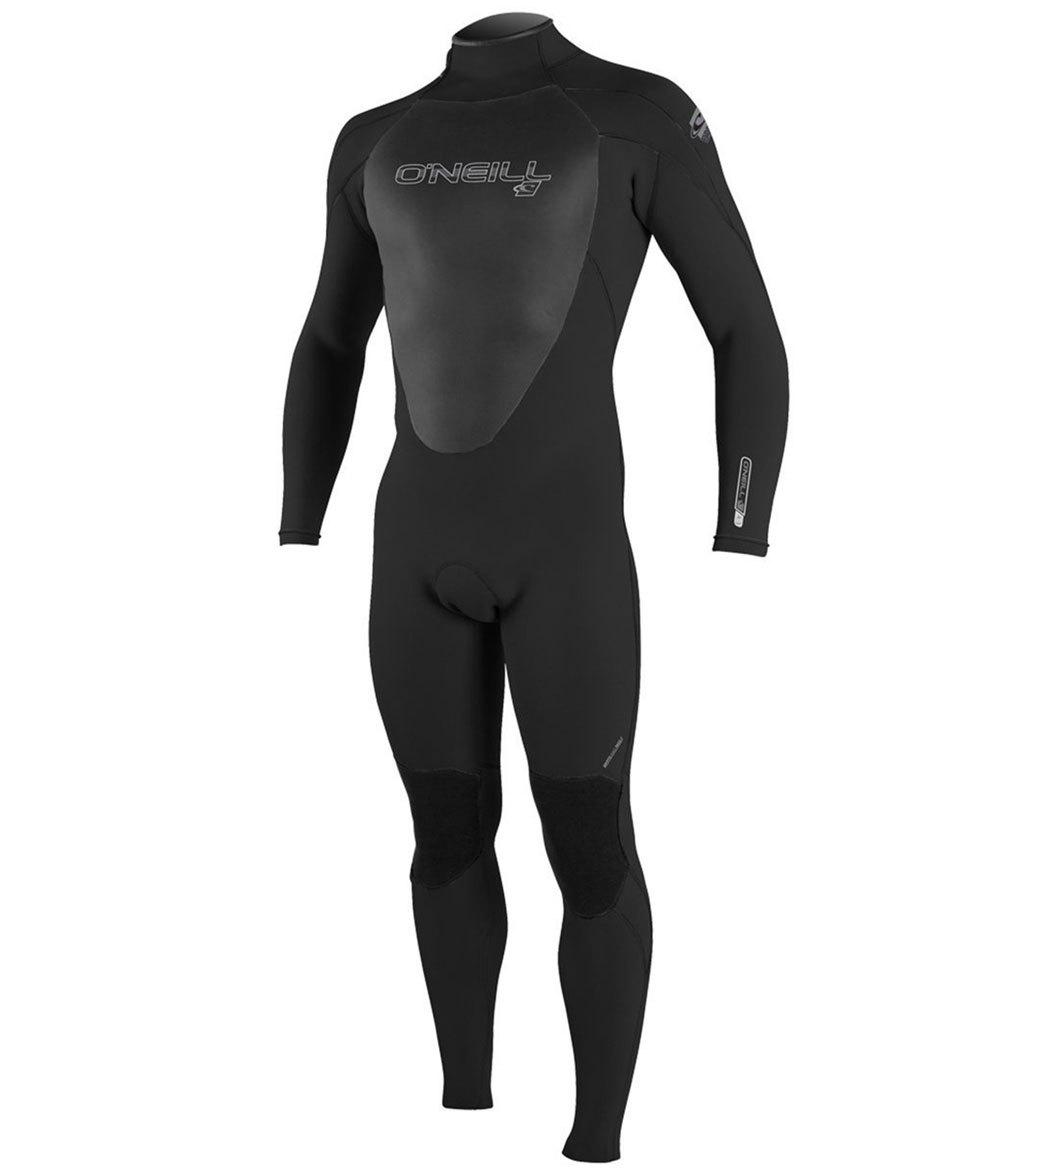 8d64d7350d O Neill Men s 4 3MM Epic Back Zip Fullsuit Wetsuit at SwimOutlet.com ...